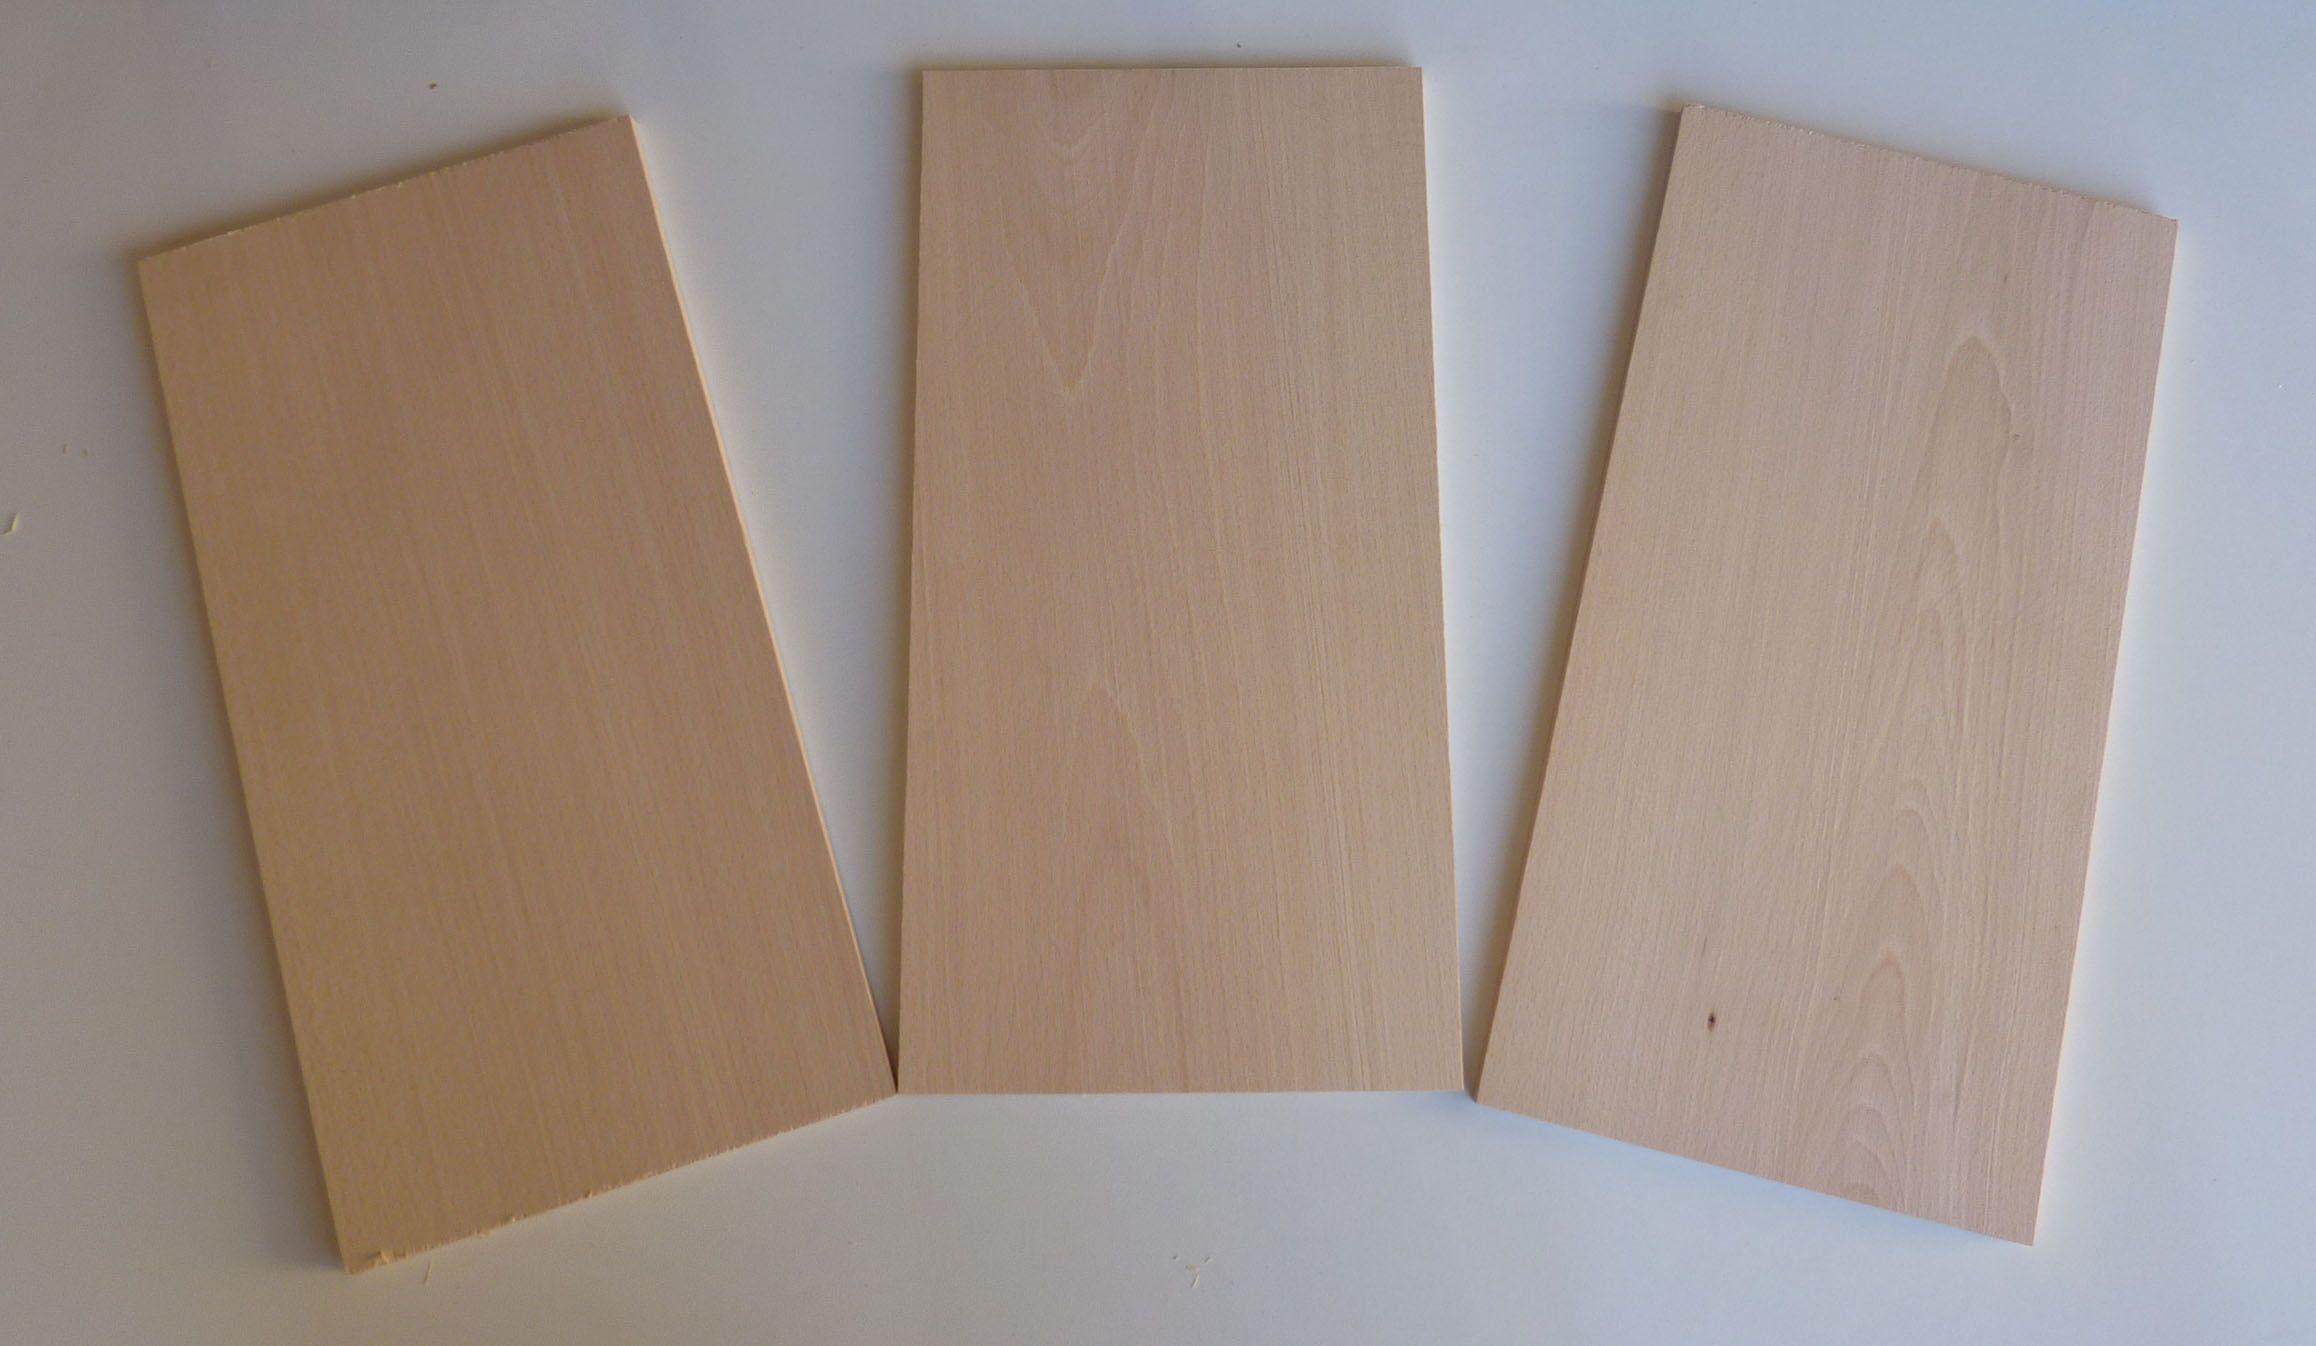 planche en h tre de 20mm largeur 20 25 cm pour le chantournage. Black Bedroom Furniture Sets. Home Design Ideas